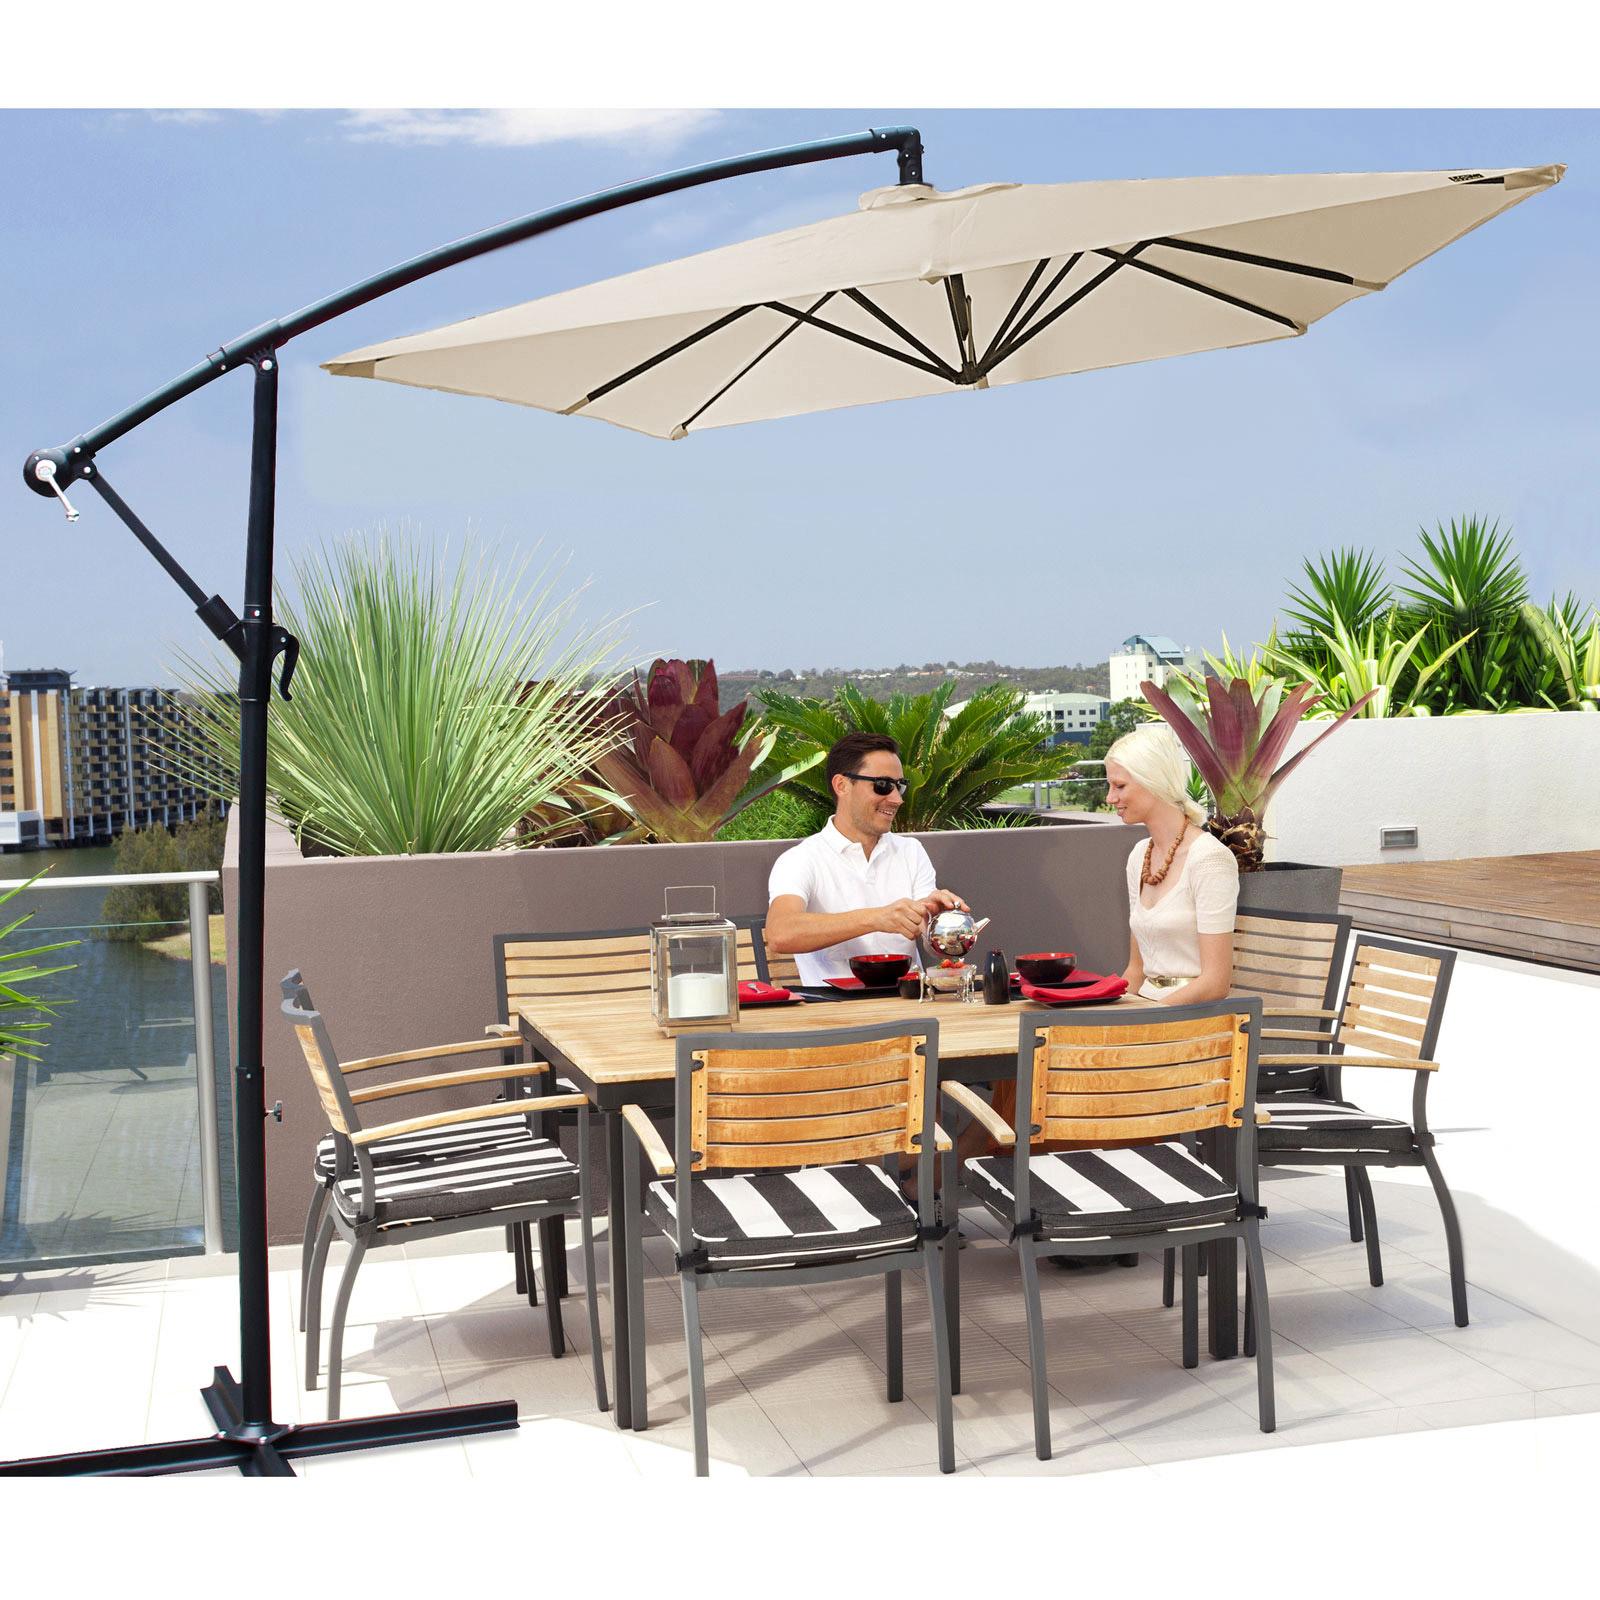 Milano-2-2M-Outdoor-Umbrella-Cantilever-Garden-Deck-Patio-Shade-Water-Resistant thumbnail 6